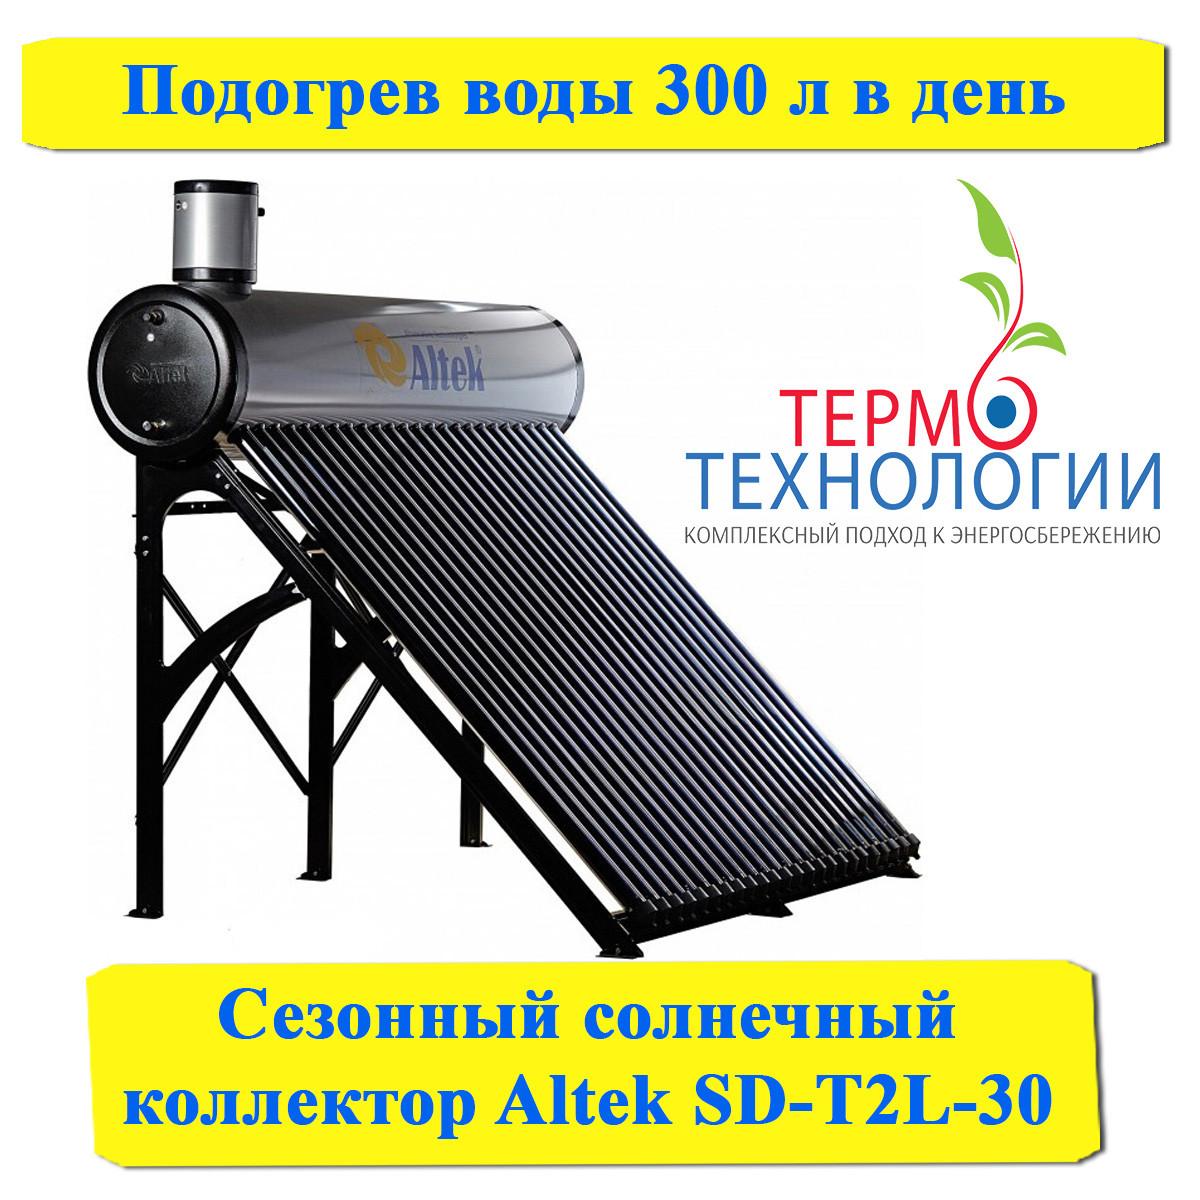 Сезонный солнечный коллектор Altek SD-T2L-30. Бак из нержавеющей стали